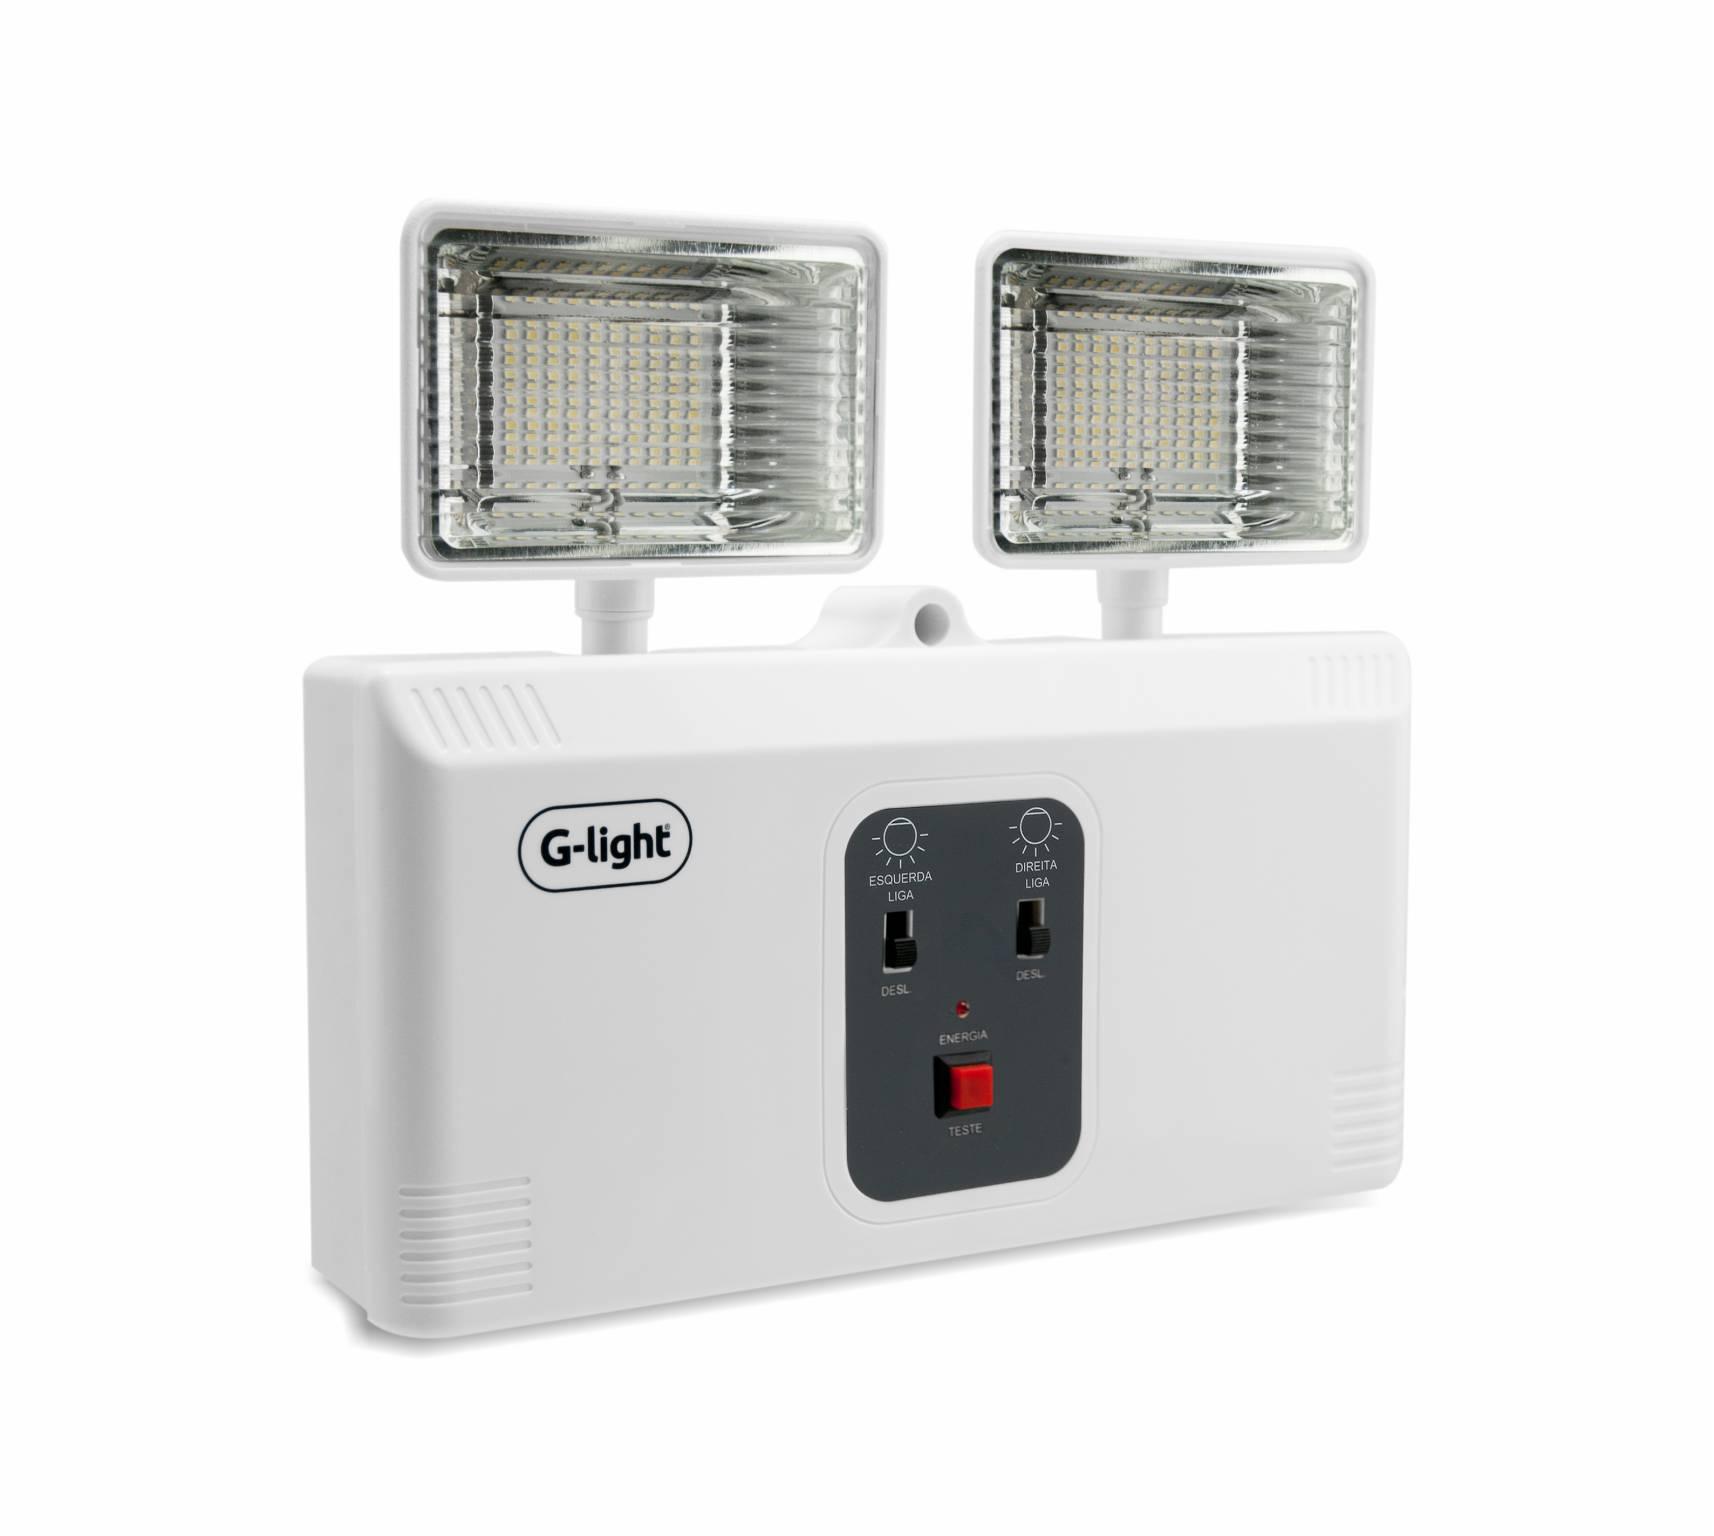 Bloco Autonomo LED P/ Iluminação de Emergência 20W - 2200lm 6500K AUTOVOLT